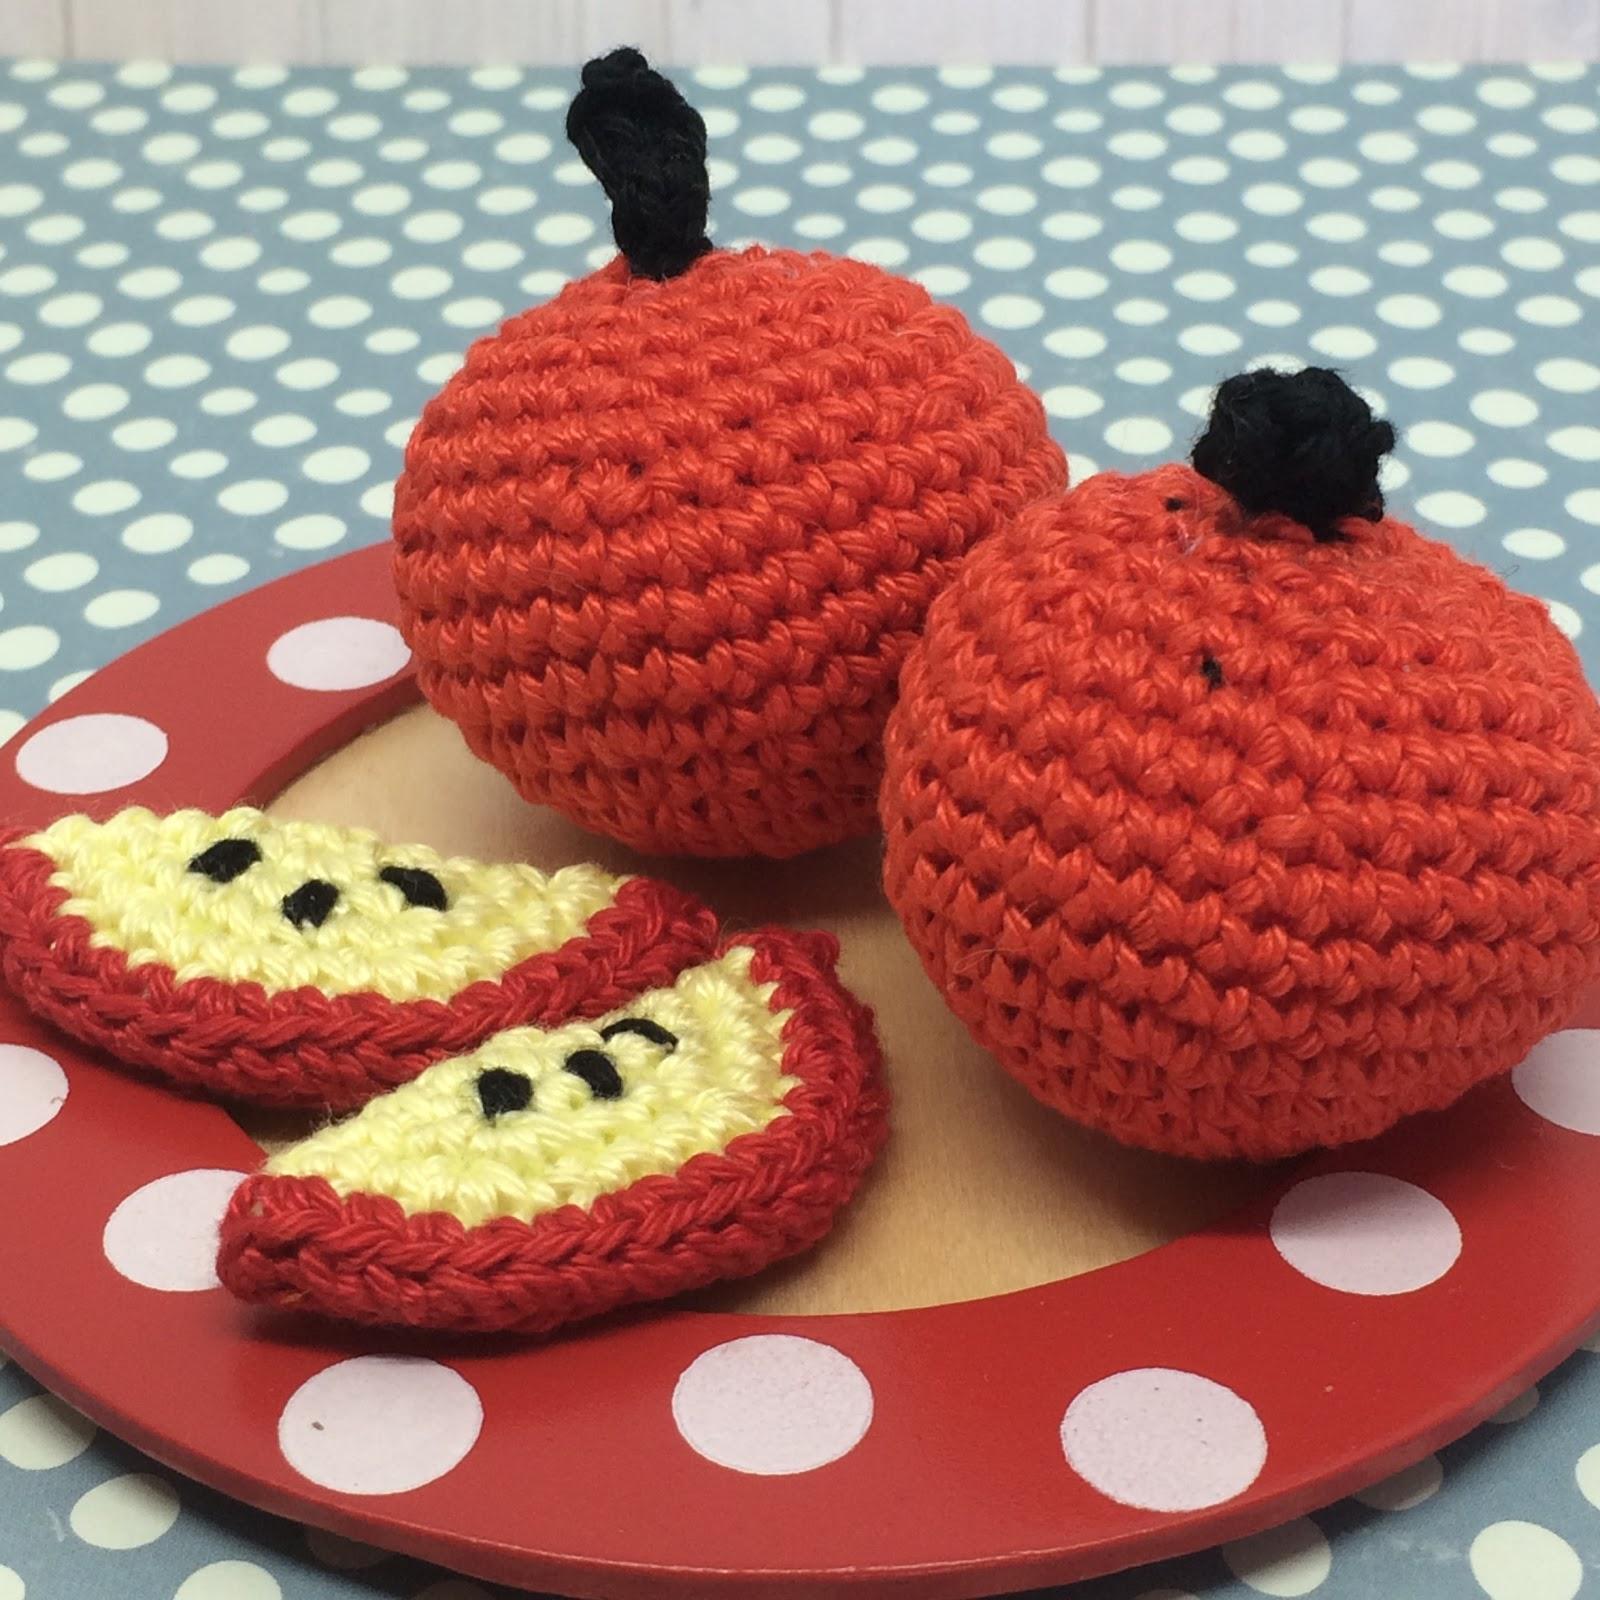 Wo Ideen Fliegen Lernen Zubehör Für Die Kinderküche 1 äpfel